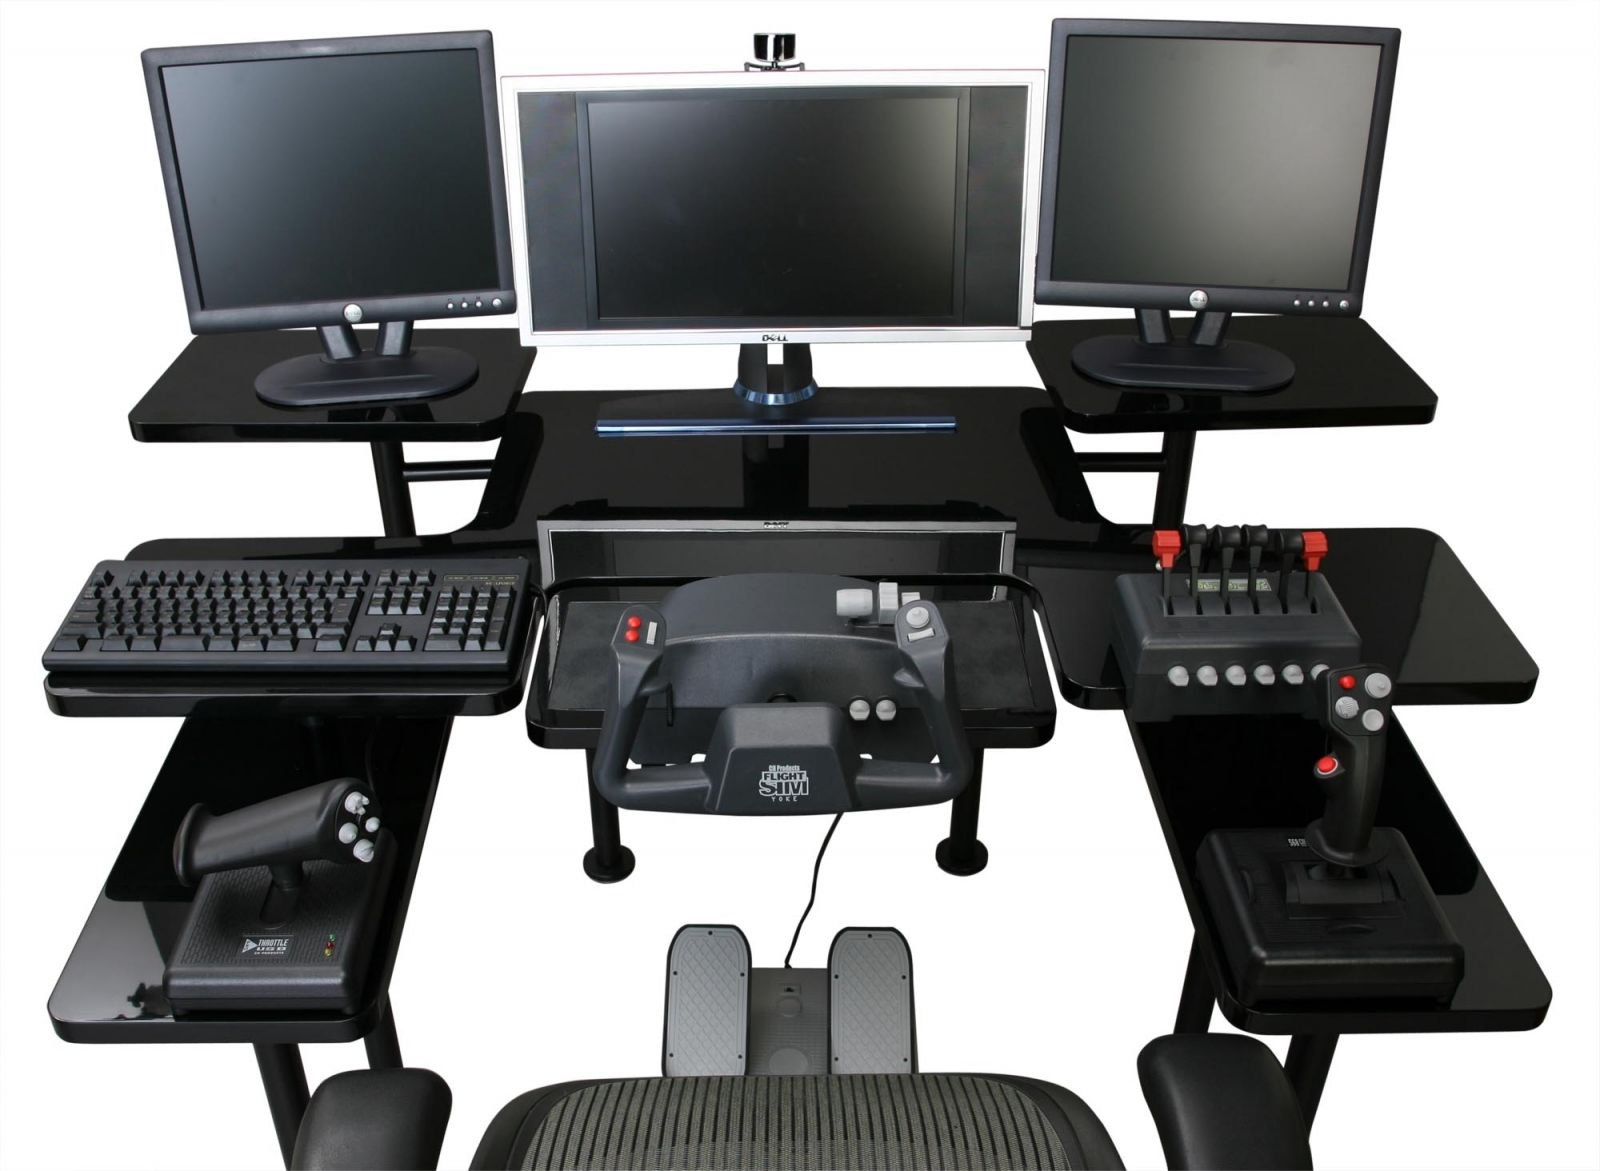 Best Custom Gaming Desk Setup With Multiple Monitors In Black  Witt Computer Room  Pinterest